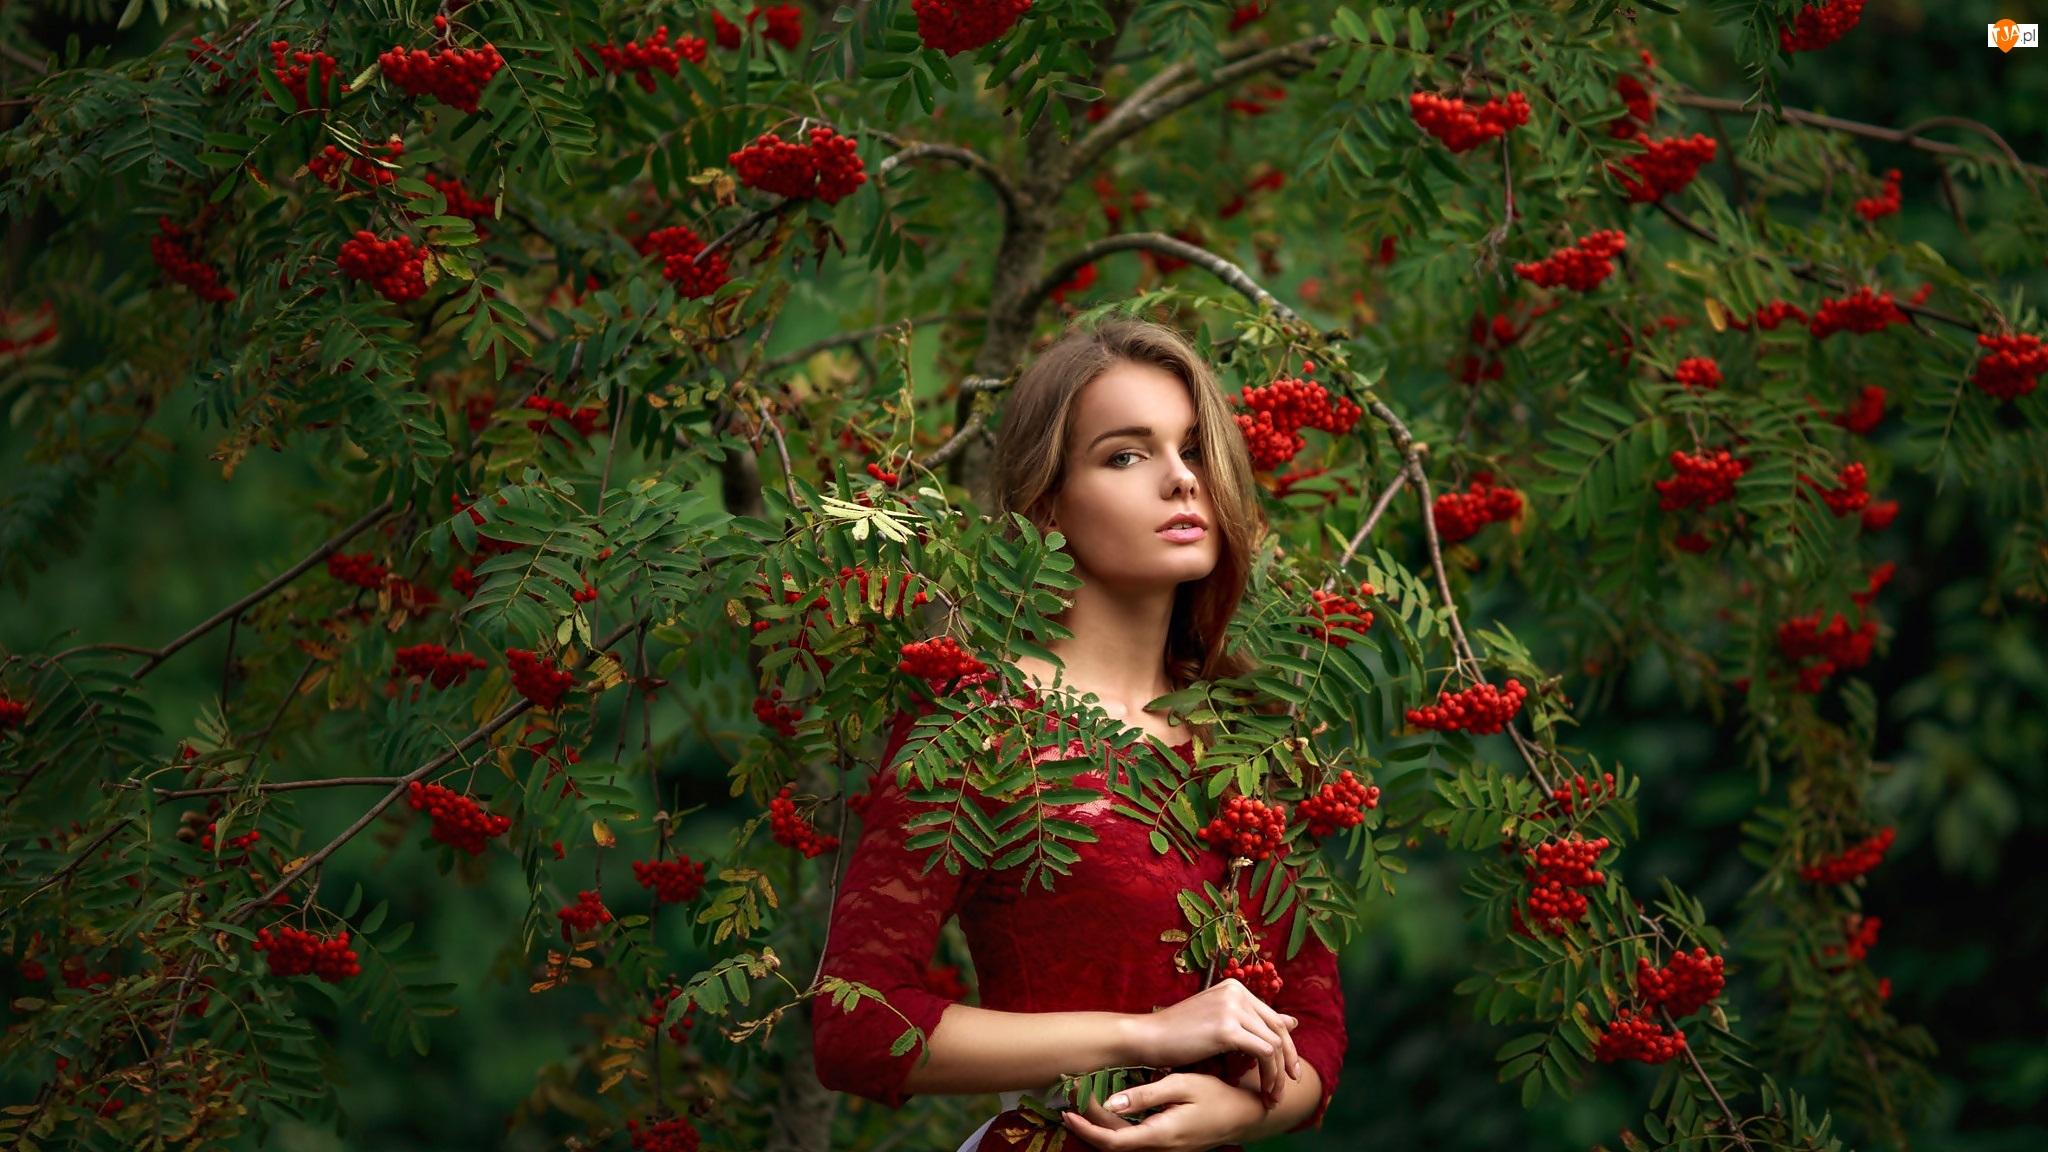 Jarzębina, Dziewczyna, Irina Regent, Modelka